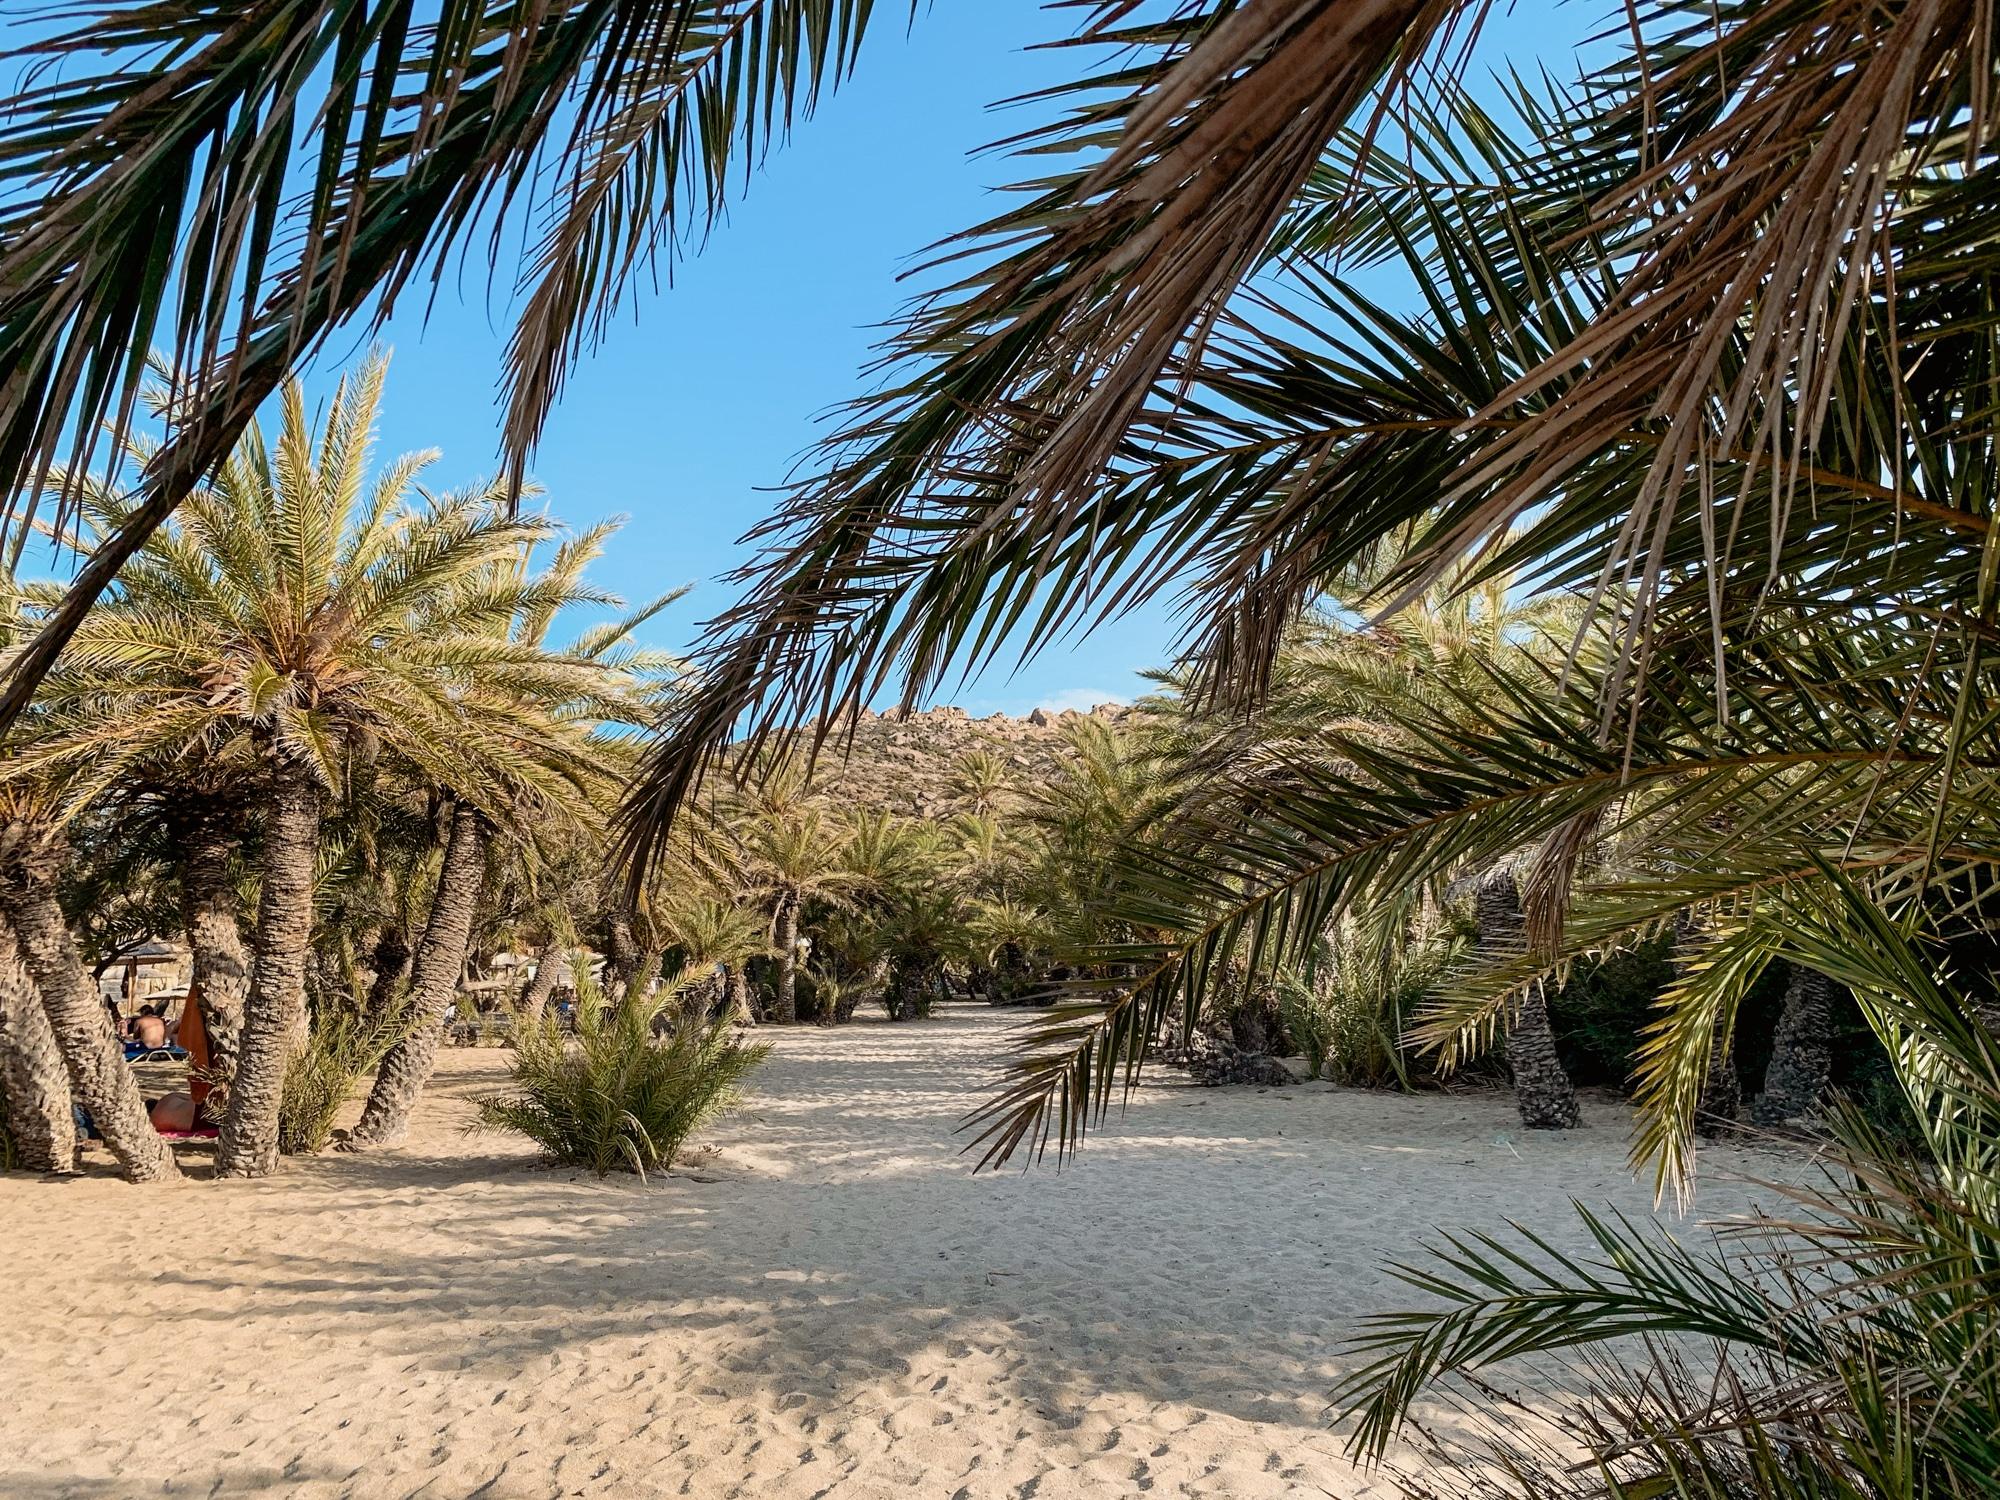 Schönste Strände auf Kreta: Das sind die sechs schönsten Kreta Strände - Palmenstrand Vai Beach